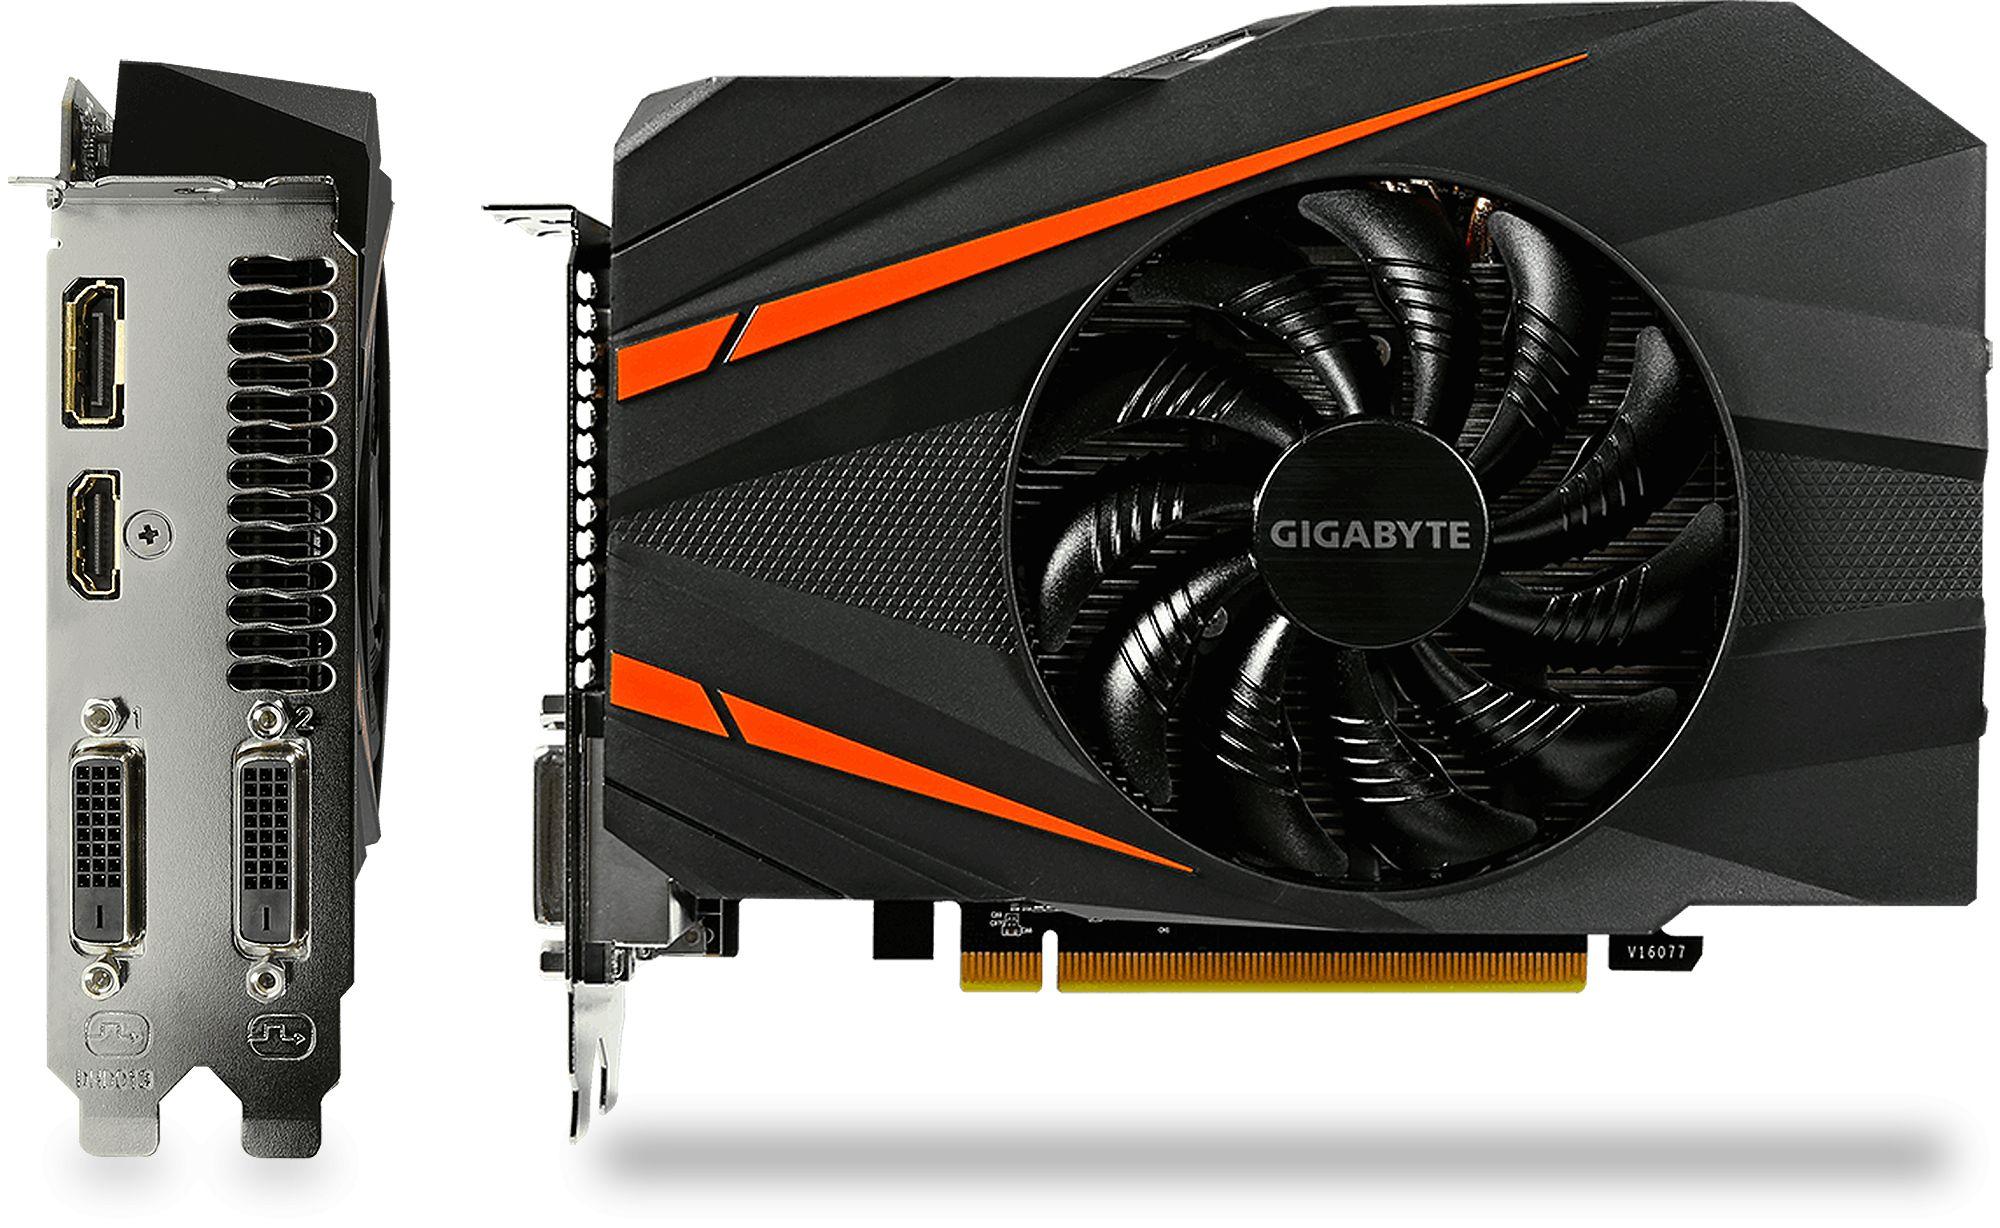 GeForce GTX 1060 Mini ITX OC 3GB GDDR5 Graphics Card